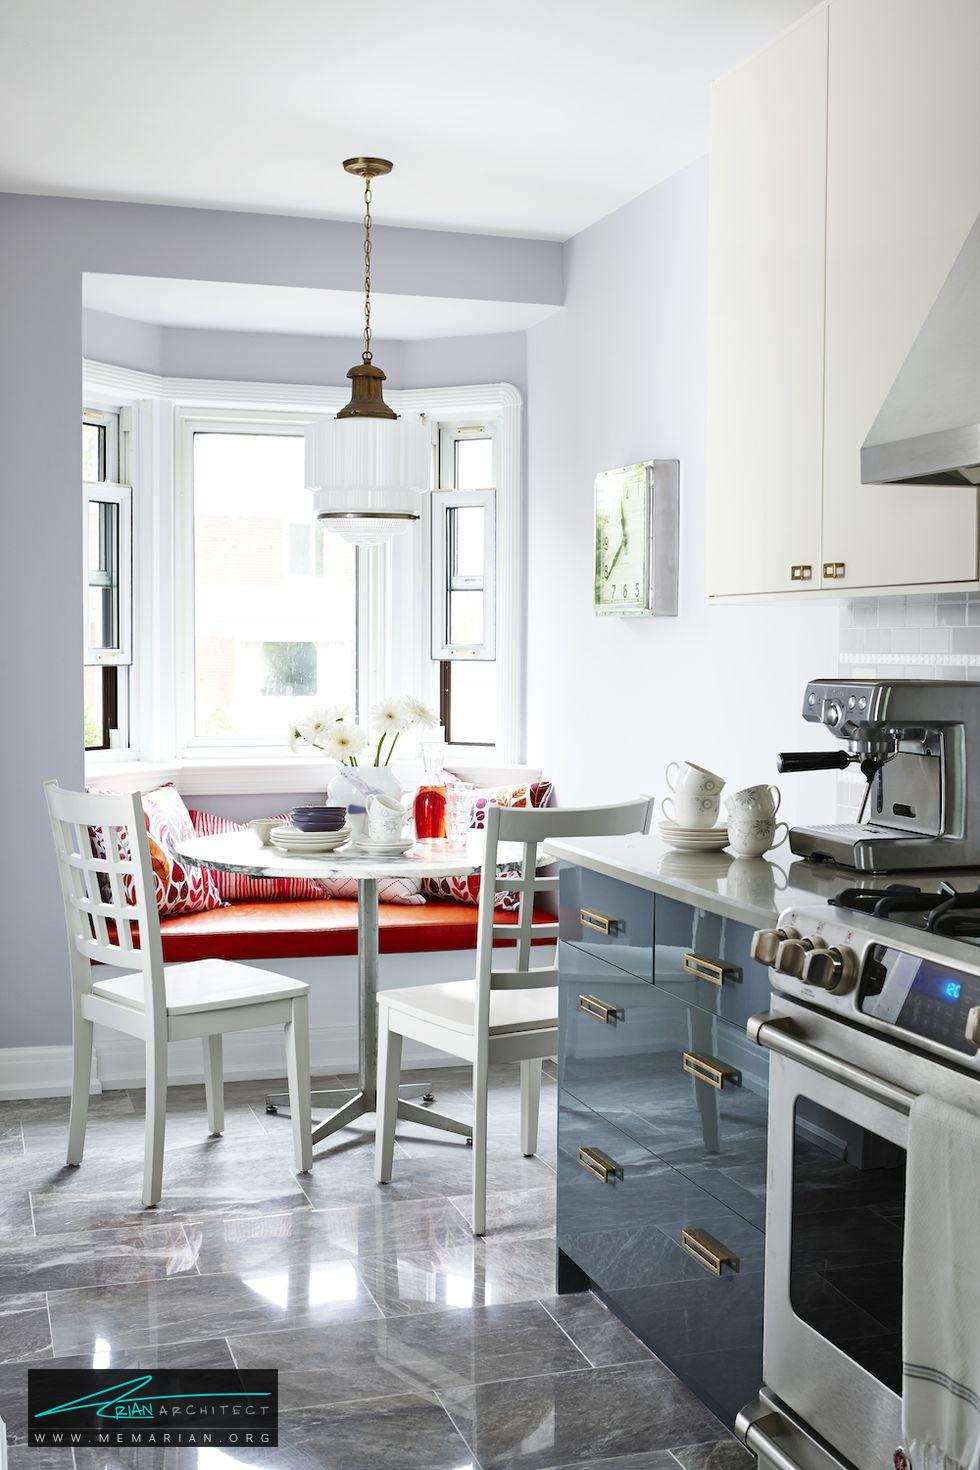 میز غذاخوری چسبیده به پنجره - 20 ایده جذاب برای چیدمان دکوراسیون آشپزخانه